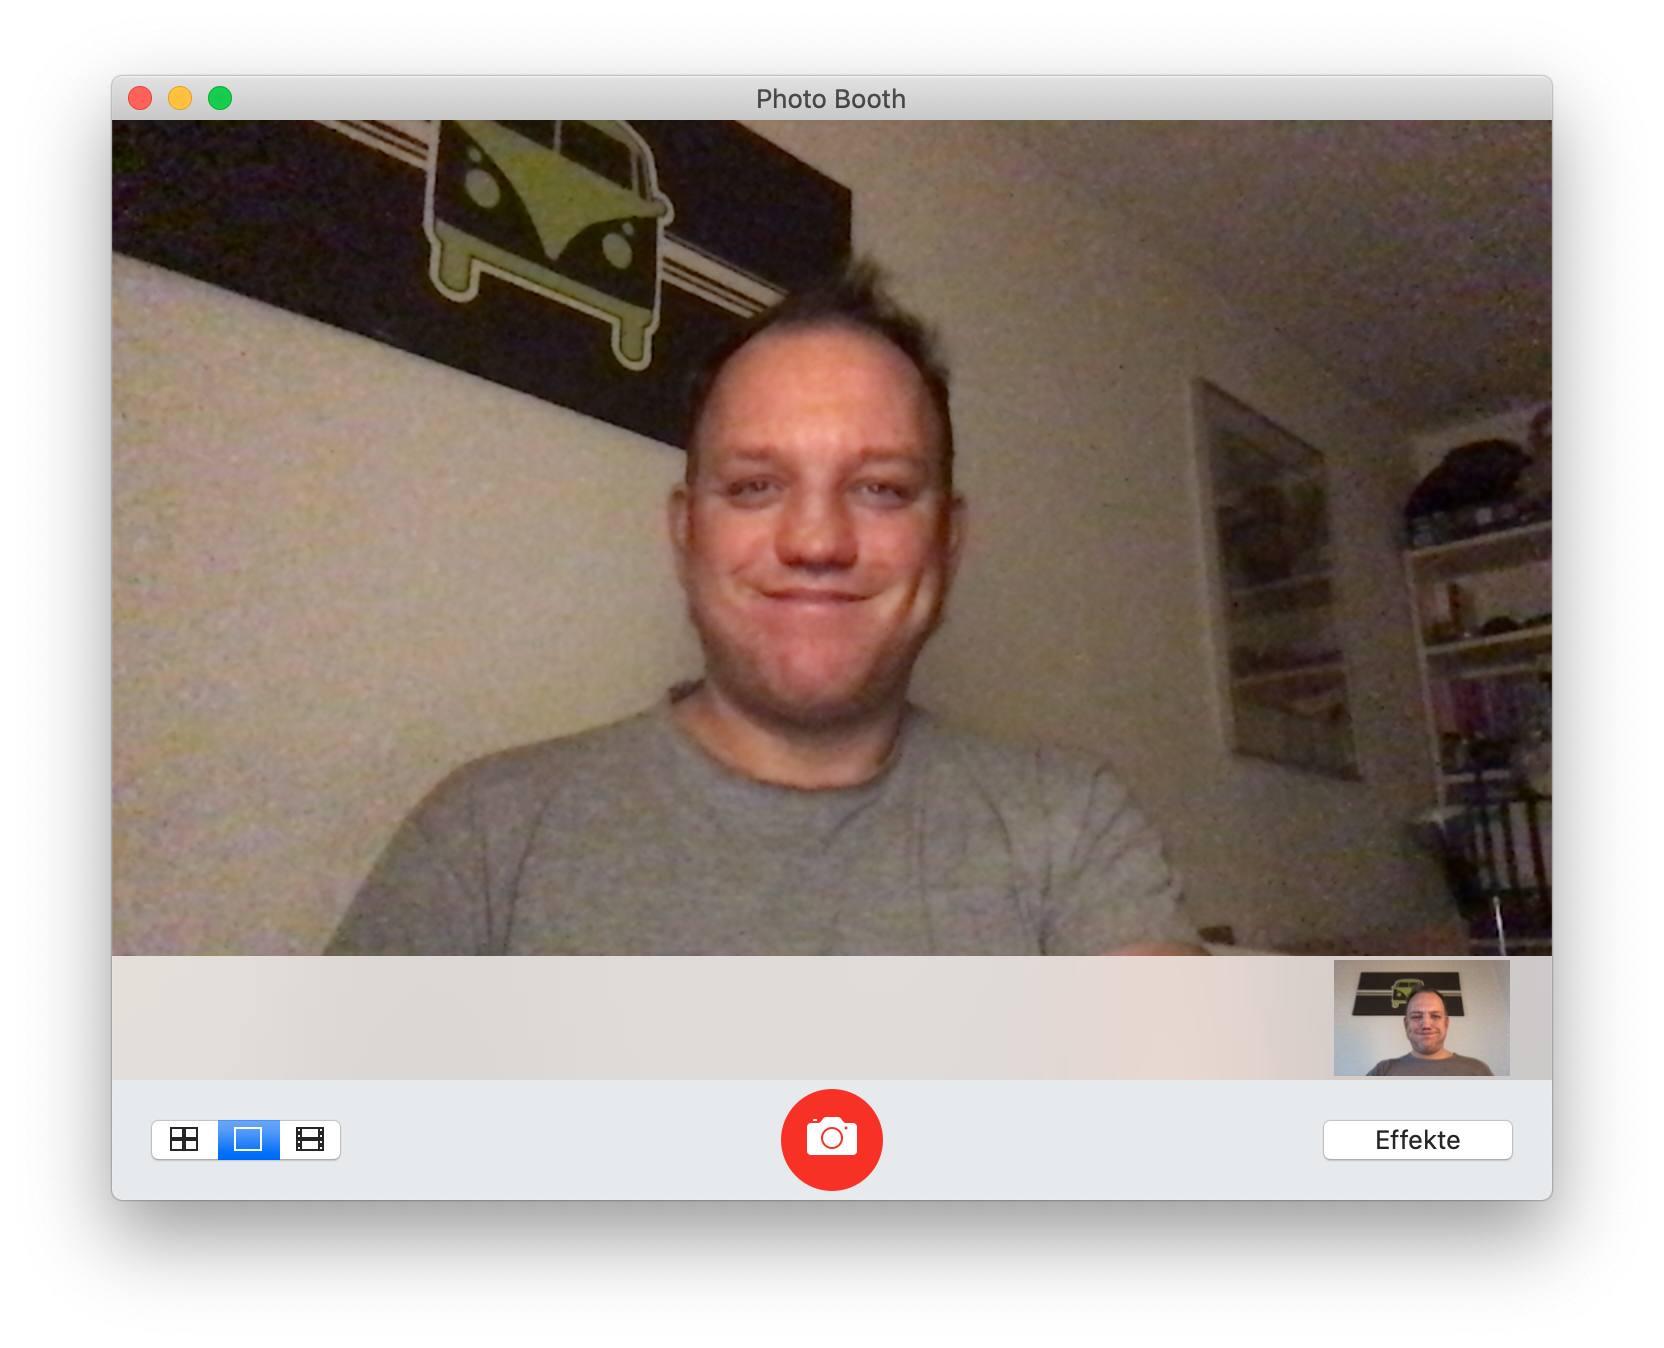 Ja, die Qualität der Webcam ist wirklich so mies. Das Licht war nicht toll, aber das geht gar nicht. (Bild: Tutonaut)